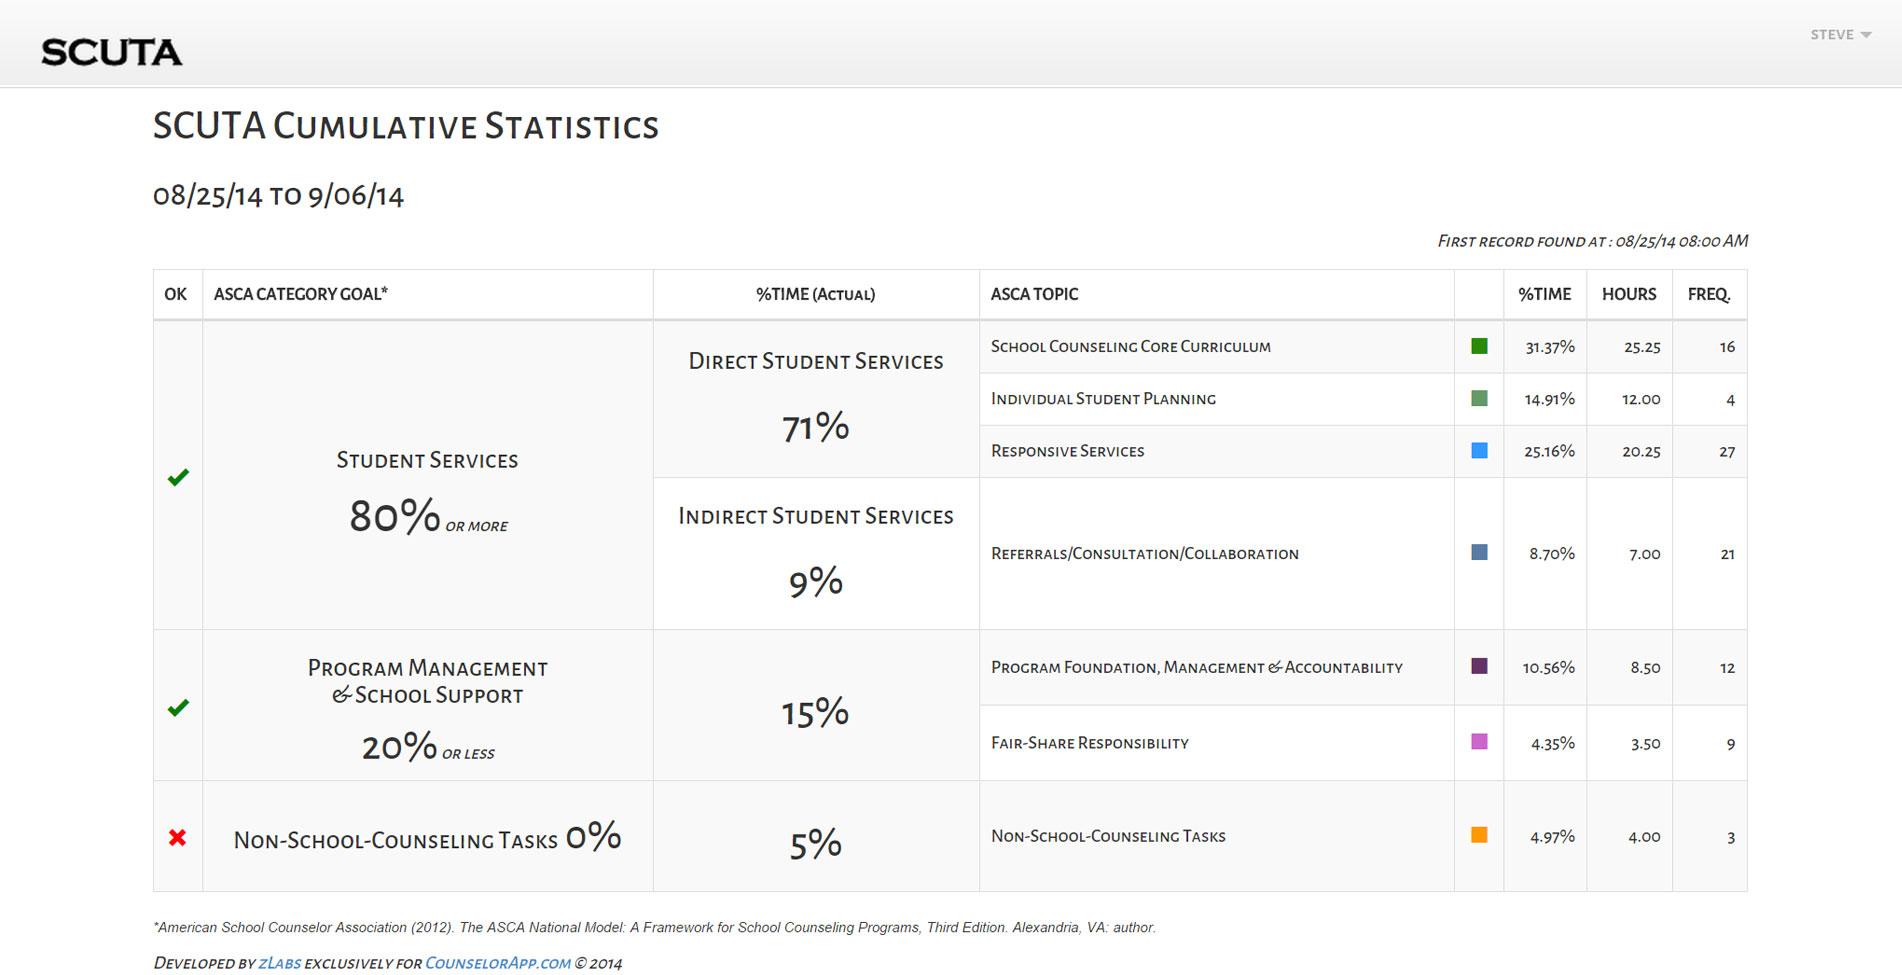 SCUTA-Cumulative Statistics